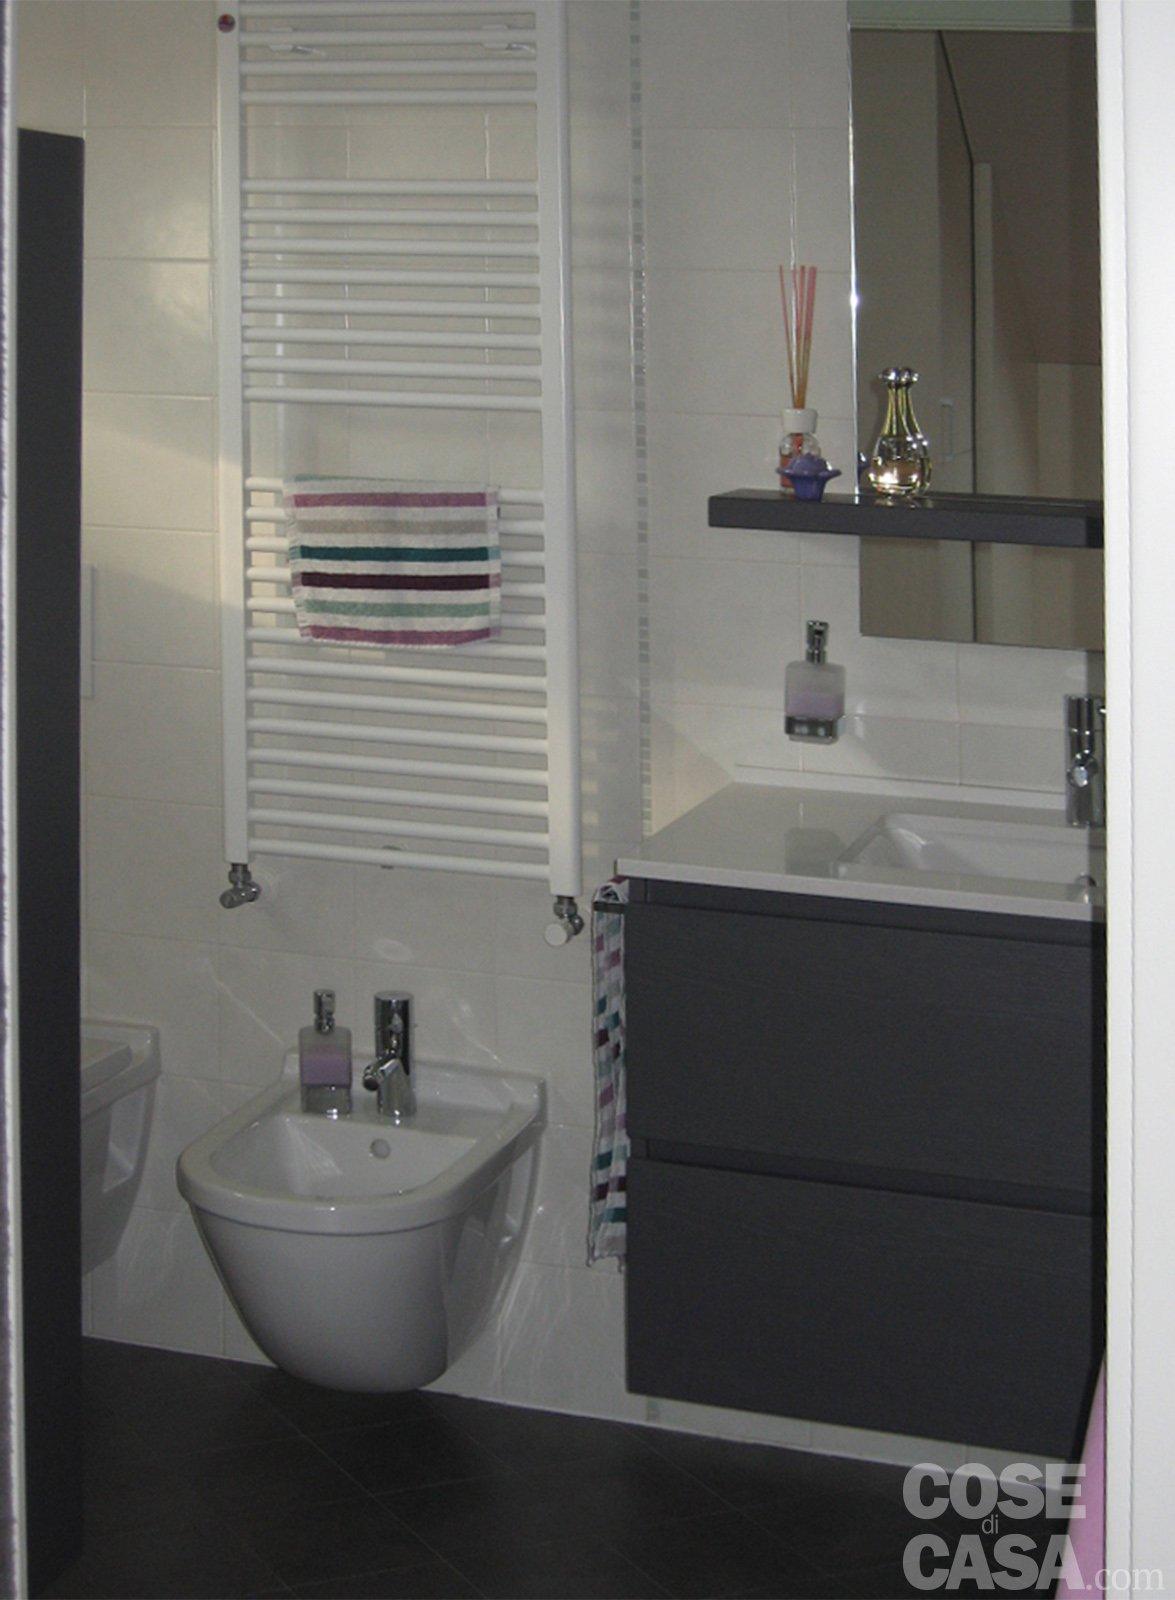 Una casa progettata per le esigenze di cinque persone cose di casa - Mangiare e andare subito in bagno ...